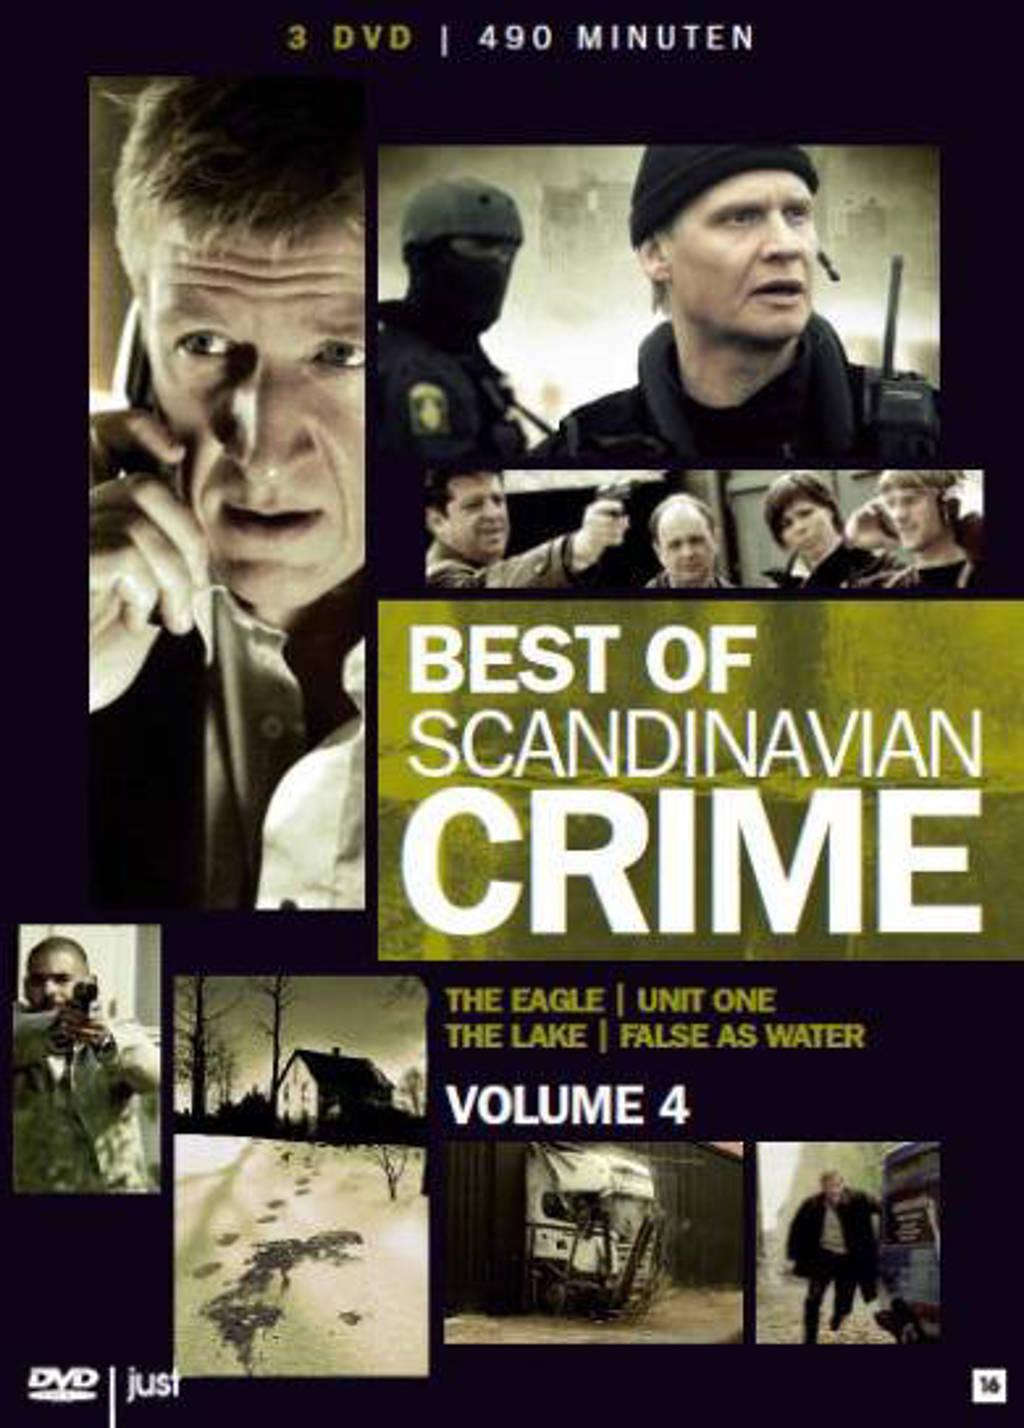 Best of Scandinavian crime 4 (DVD)